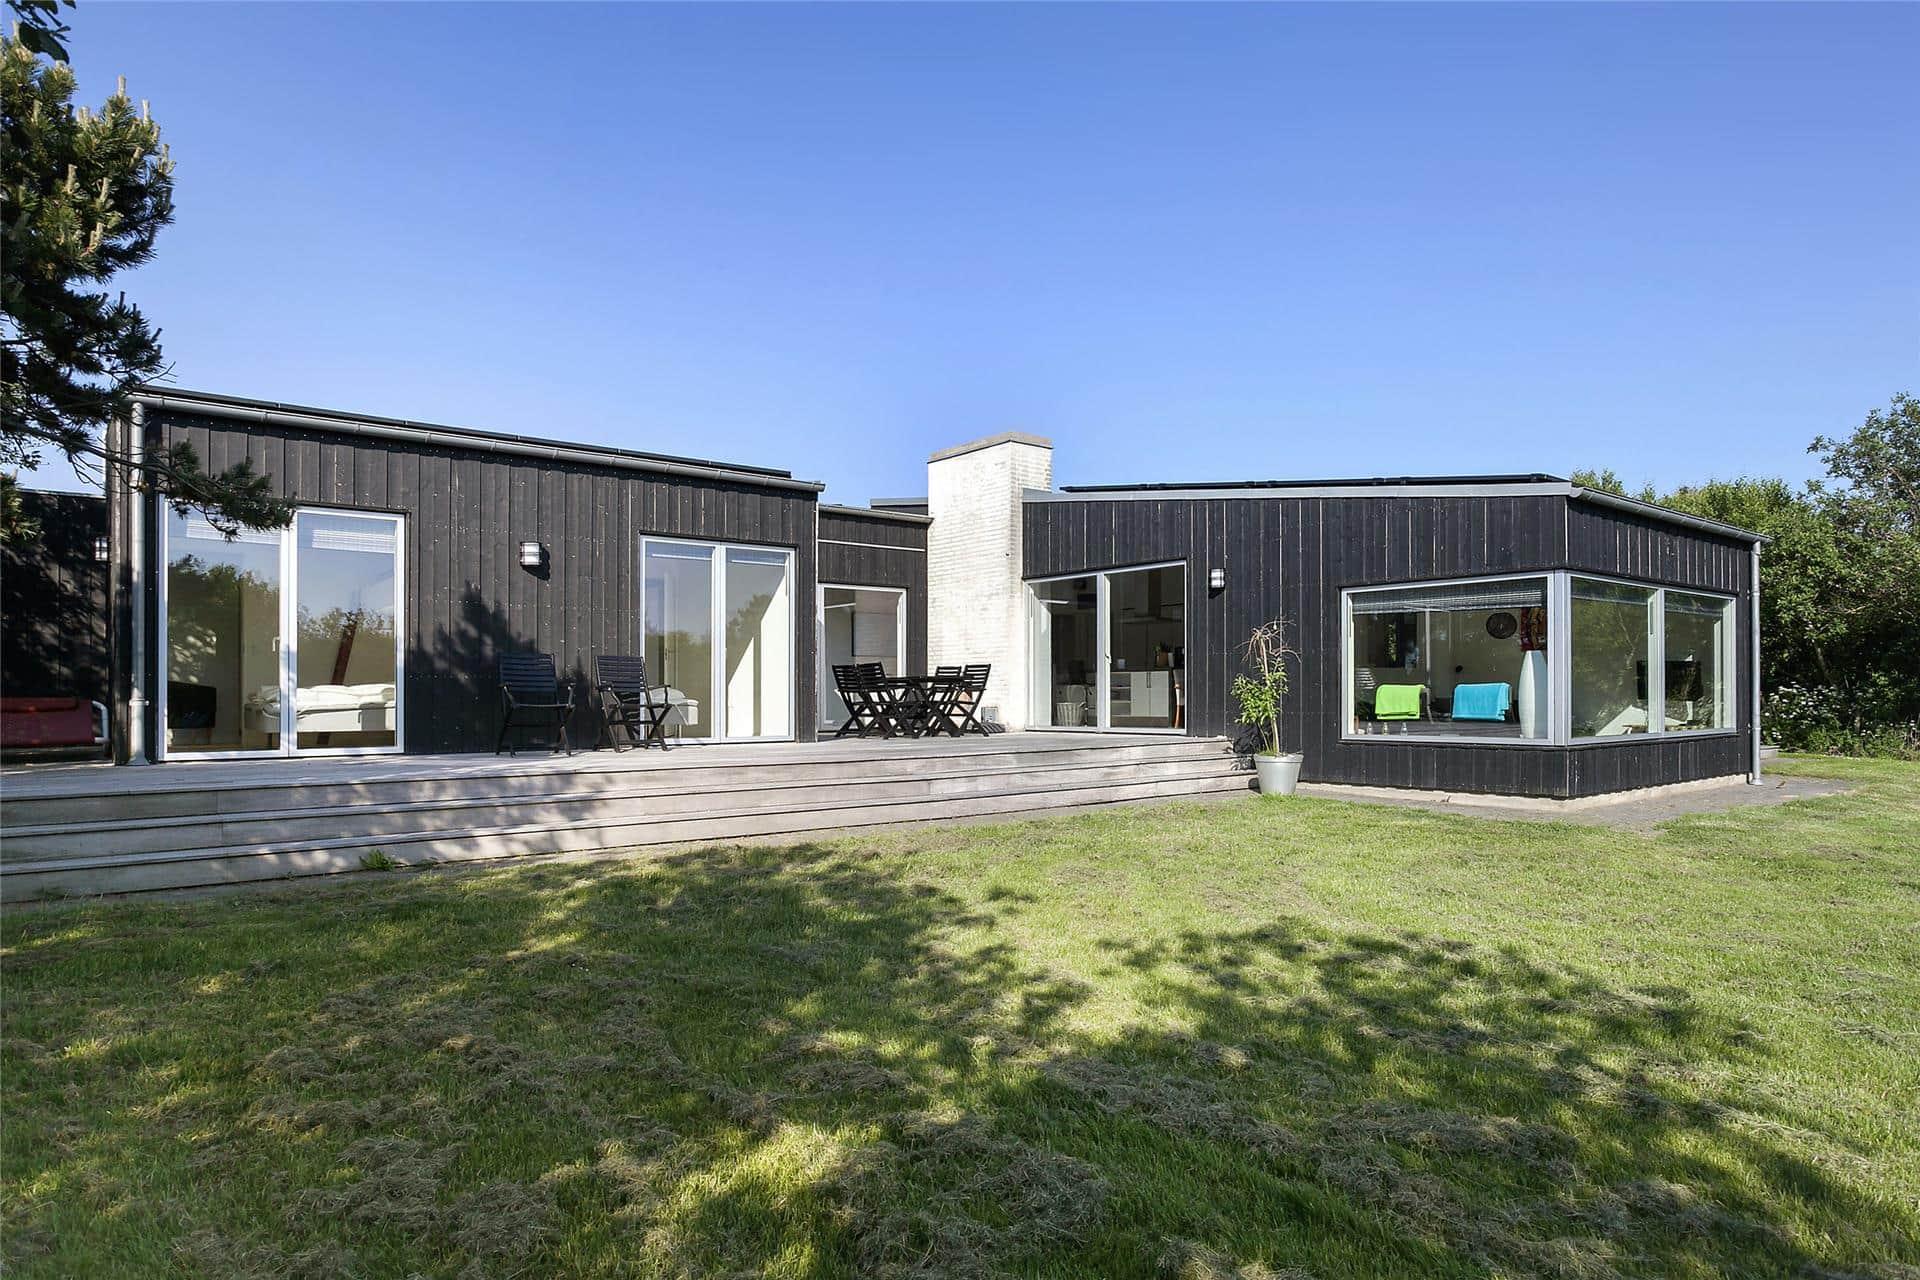 Image 0-13 Holiday-home 299, Ingersvej 21, DK - 7770 Vestervig